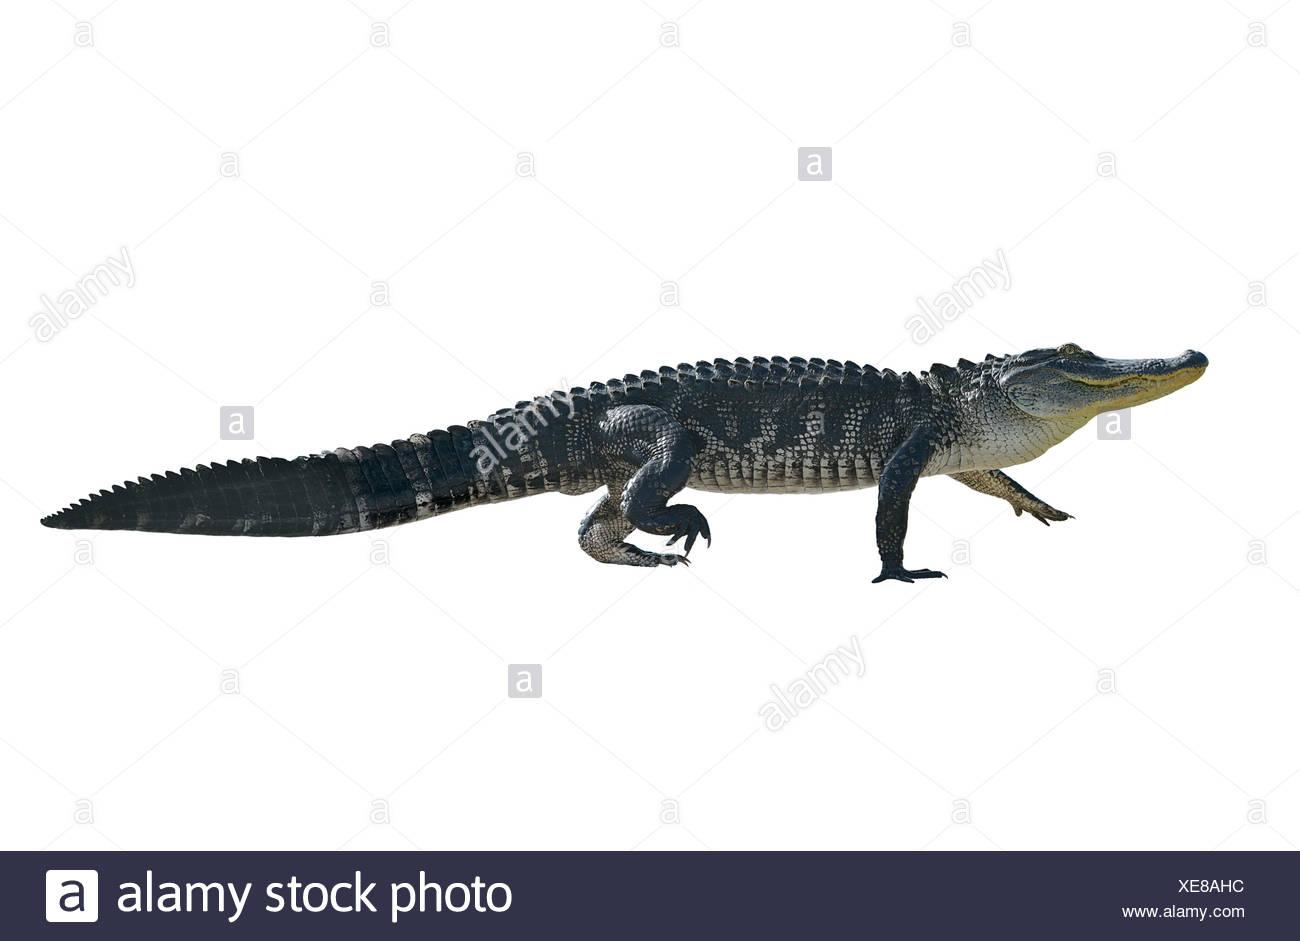 Florida Alligator Isolated on White Background Stock Photo